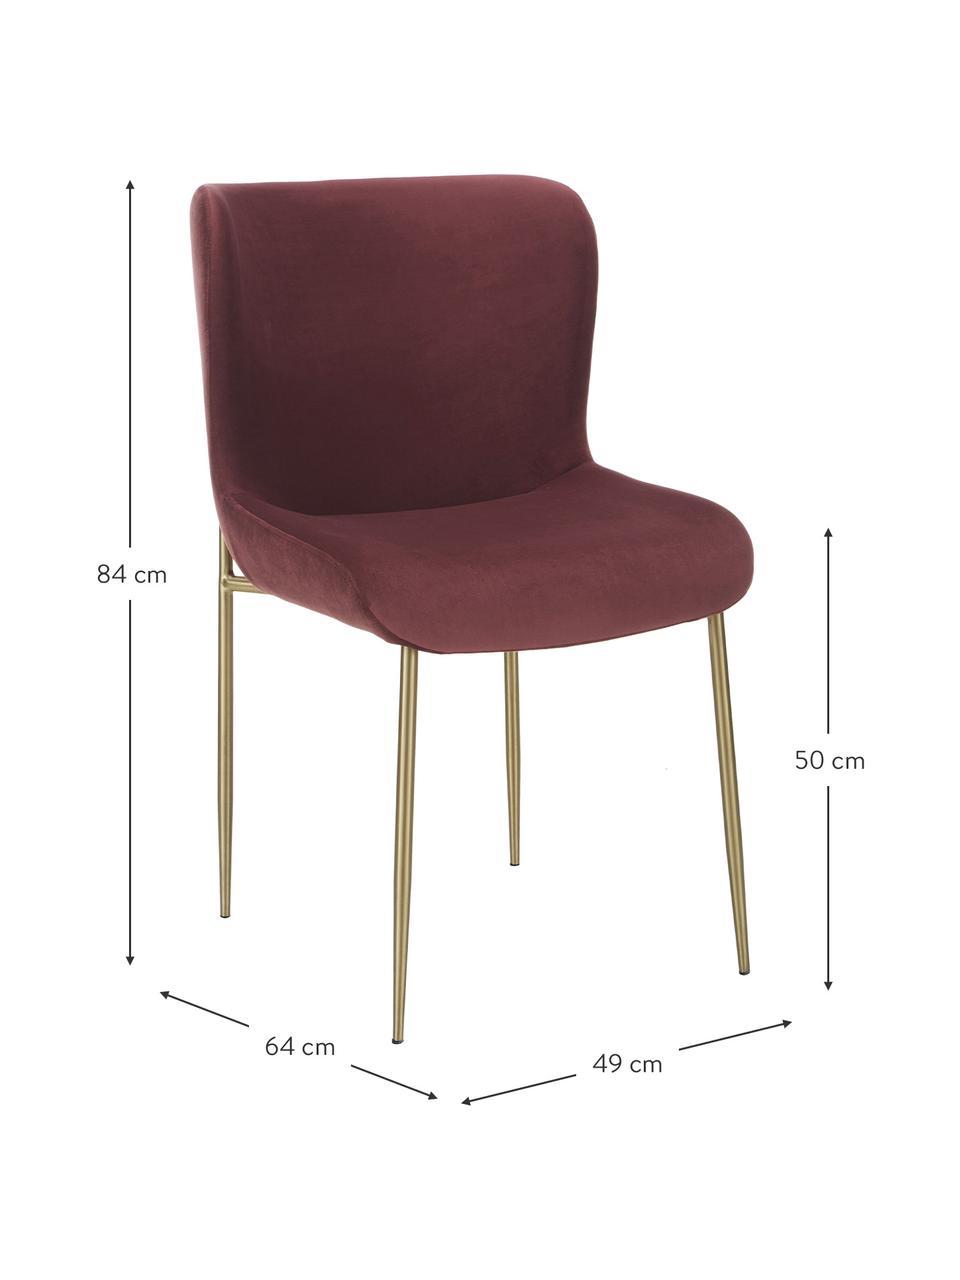 Fluwelen stoel Tess in bordeauxrood, Bekleding: fluweel (polyester), Poten: gecoat metaal, Fluweel bordeauxrood, poten goudkleurig, B 49 x D 64 cm